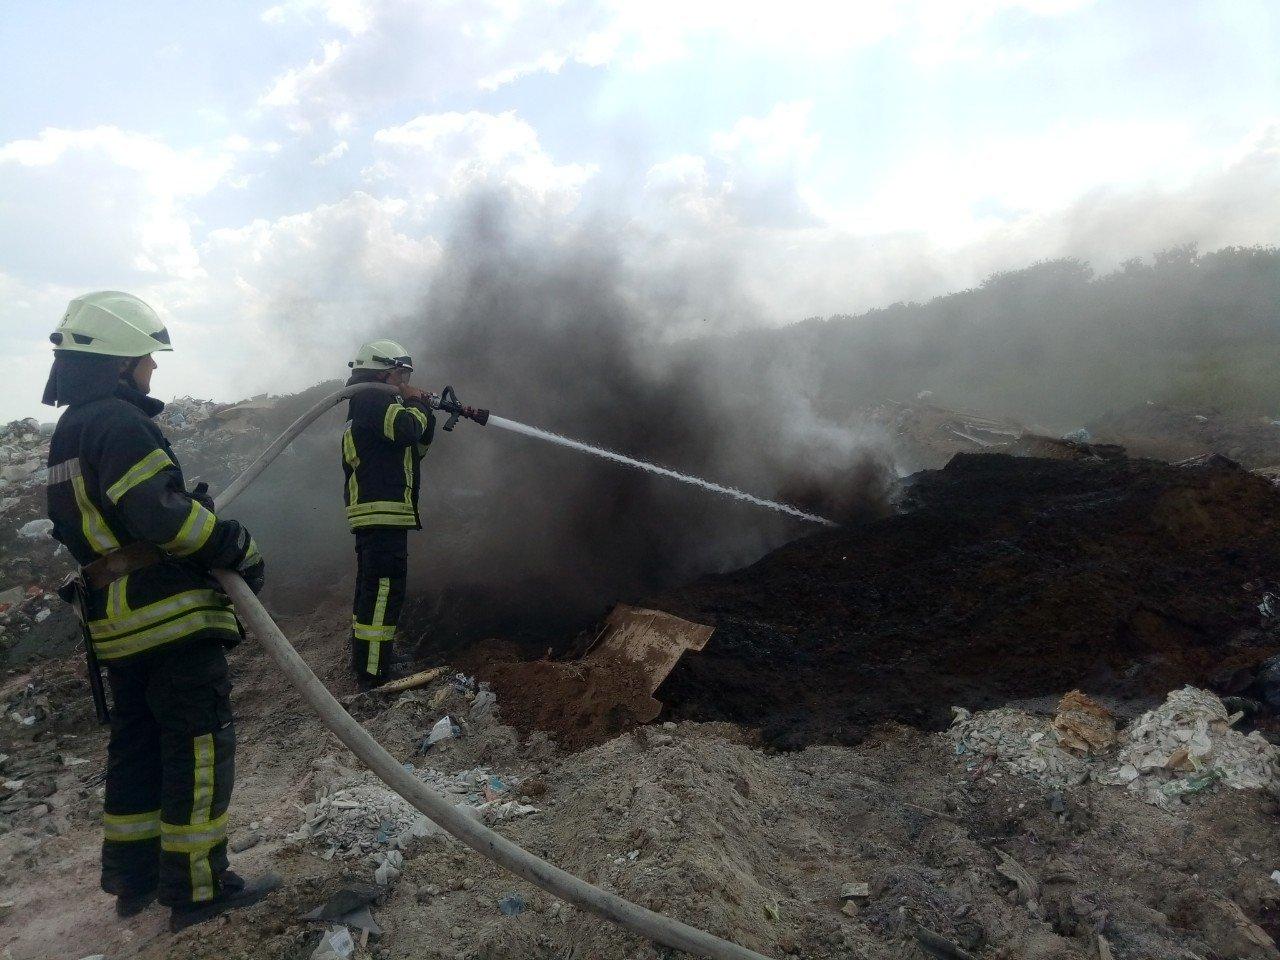 Кіровоградська область: на вихідних вогнеборці загасили 4 пожежі у житловому секторі та 3 займання сухої трави і сміття (ФОТО), фото-5